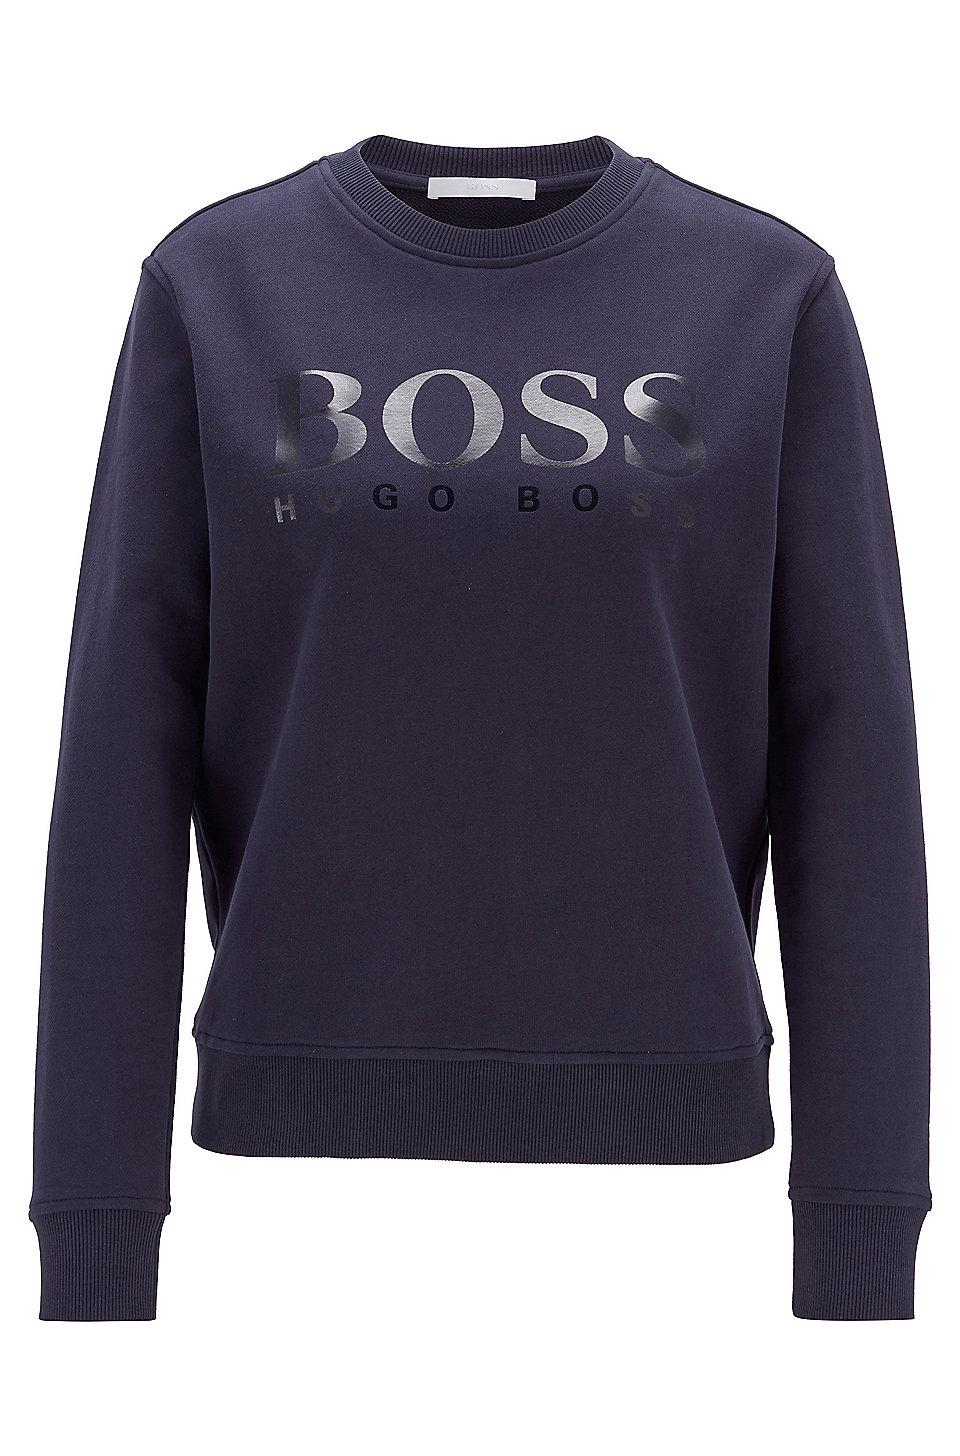 BOSS Damen Tagrace Sweatshirt